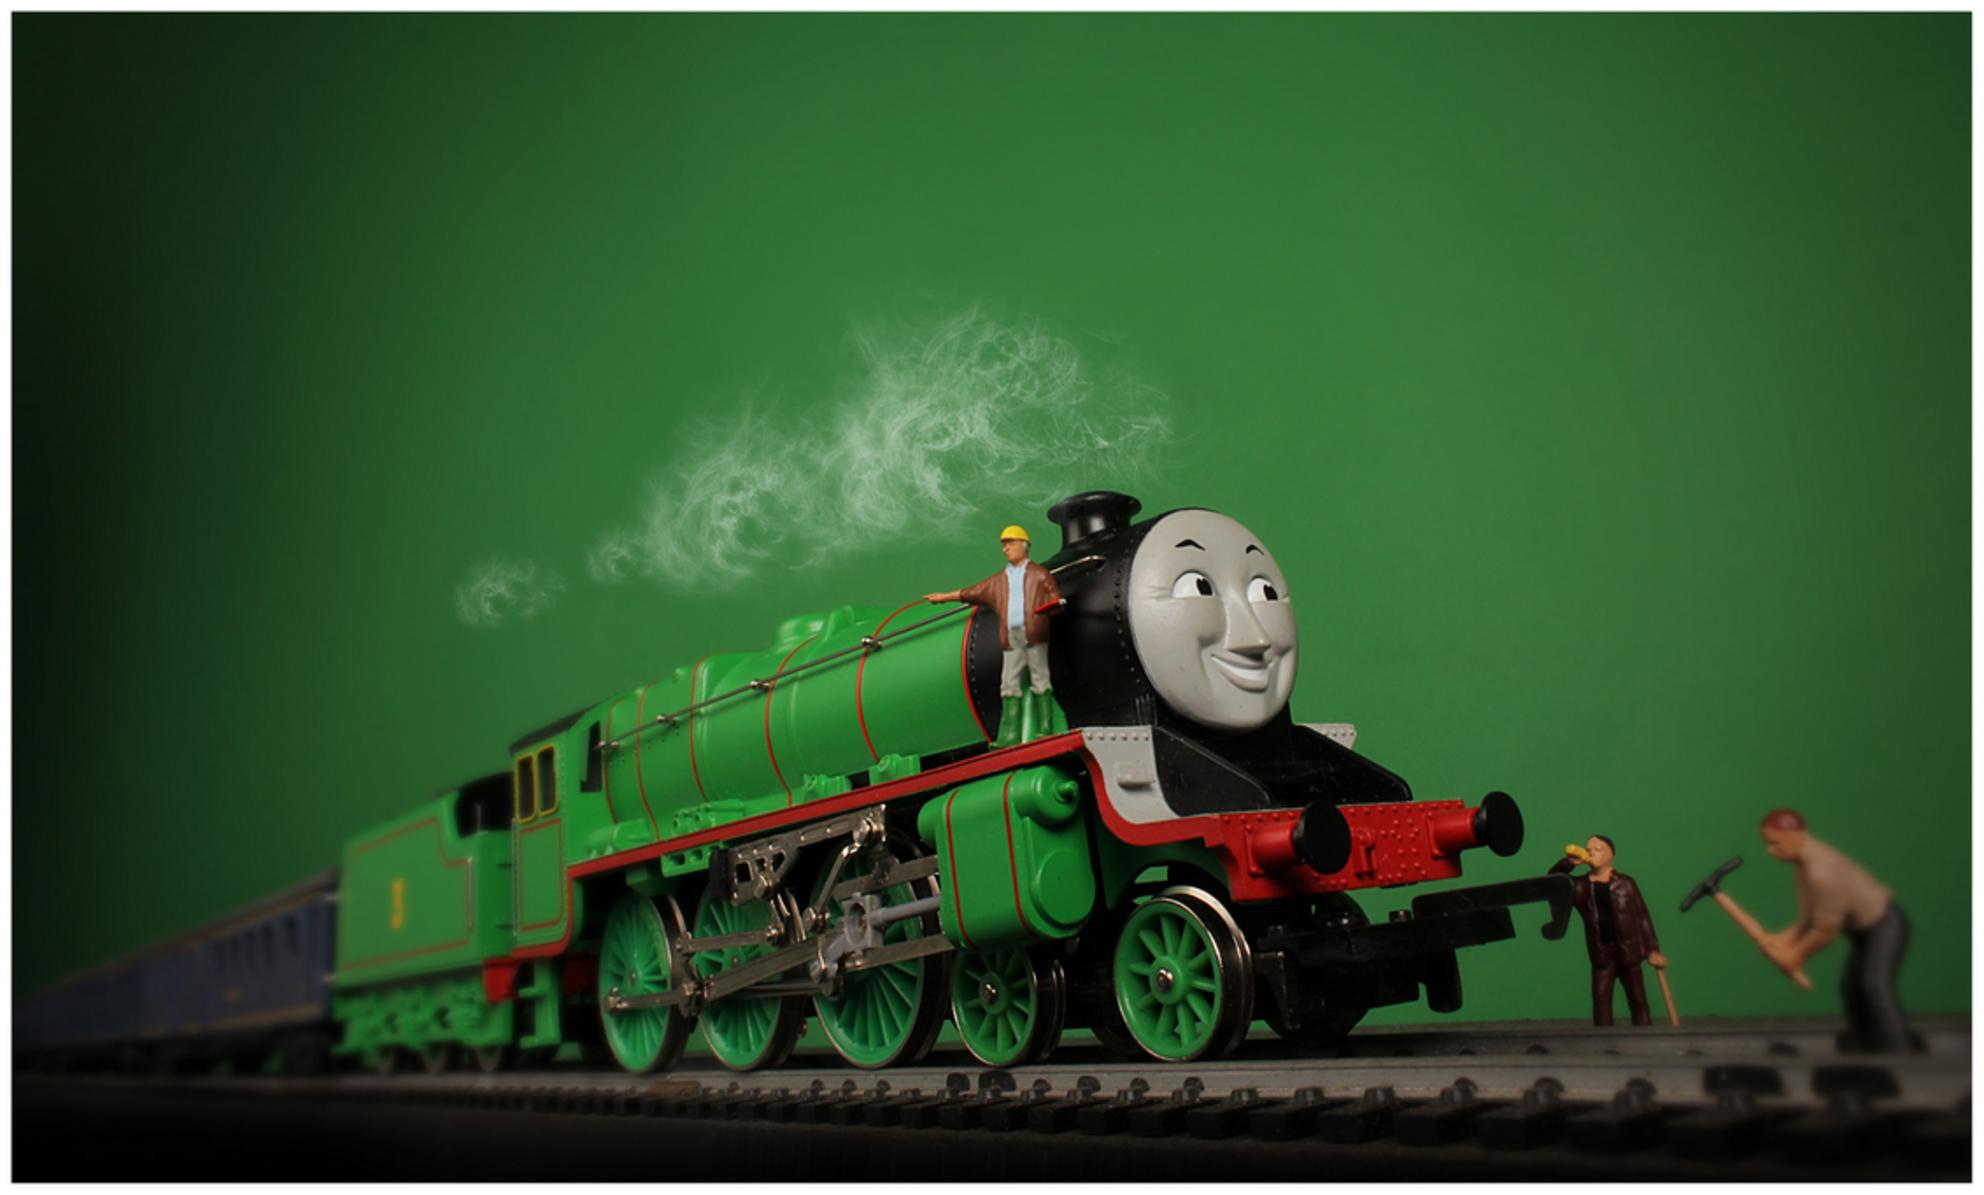 Henry - Mijn zoon Mees is gek op Thomas en zijn vrienden, daarom heb ik Henry even op de gevoelige plaat vastgelegd. Full steam ahead! - foto door remkokillaars op 04-04-2013 - deze foto bevat: groen, miniatuur, trein, stoom, studio, mini, locomotief, thomas, flitsfotografie, stoomloc, tabletop, henry, modelspoor, figuurtjes, diagonale compositie, preiser, noch - Deze foto mag gebruikt worden in een Zoom.nl publicatie